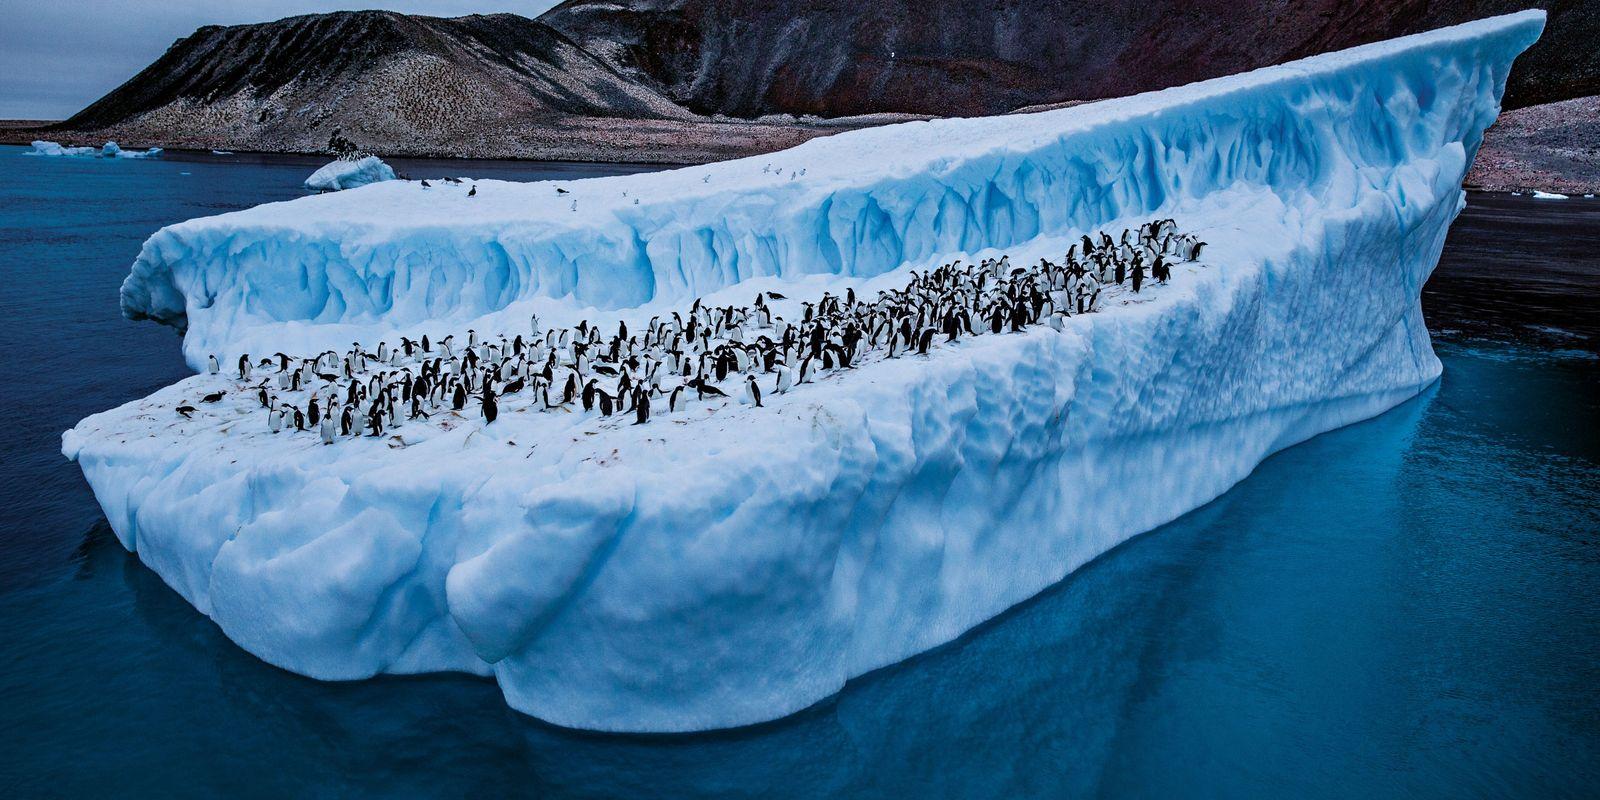 Le manchot Adélie, espèce emblématique de l'Antarctique, est menacé de disparition